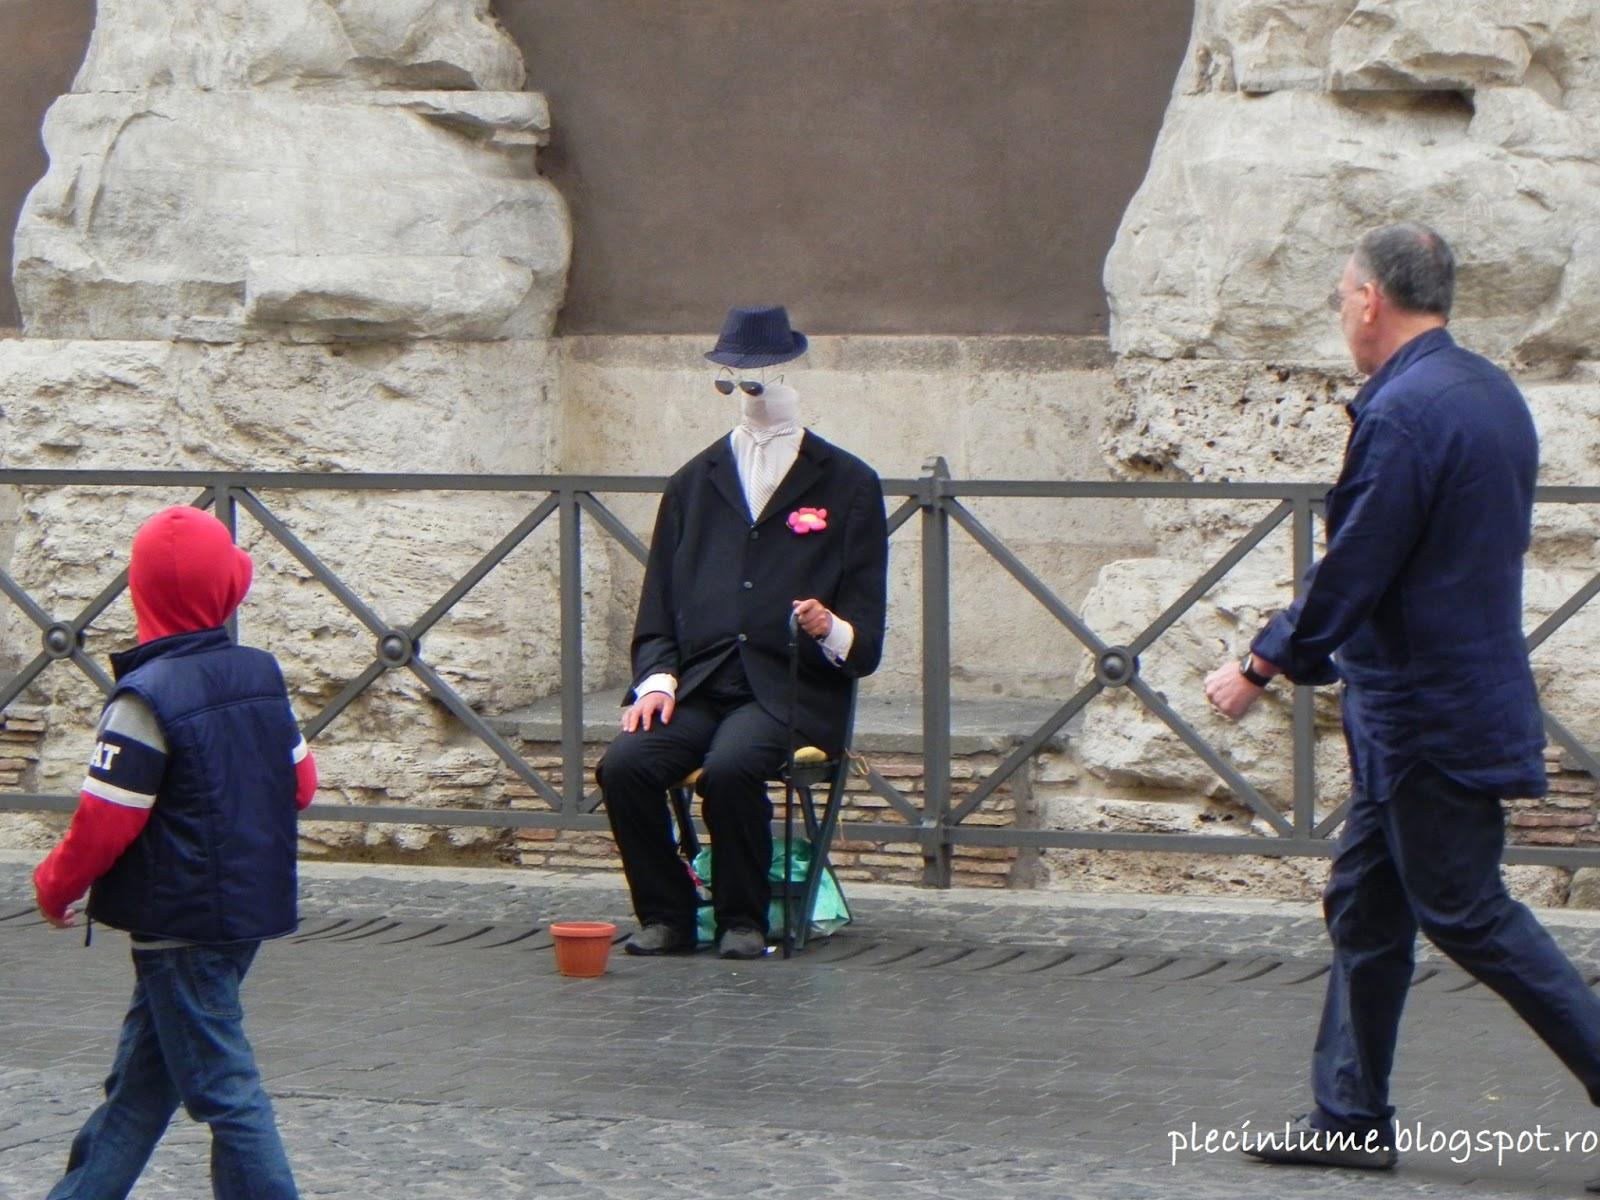 Statuie umana in Roma